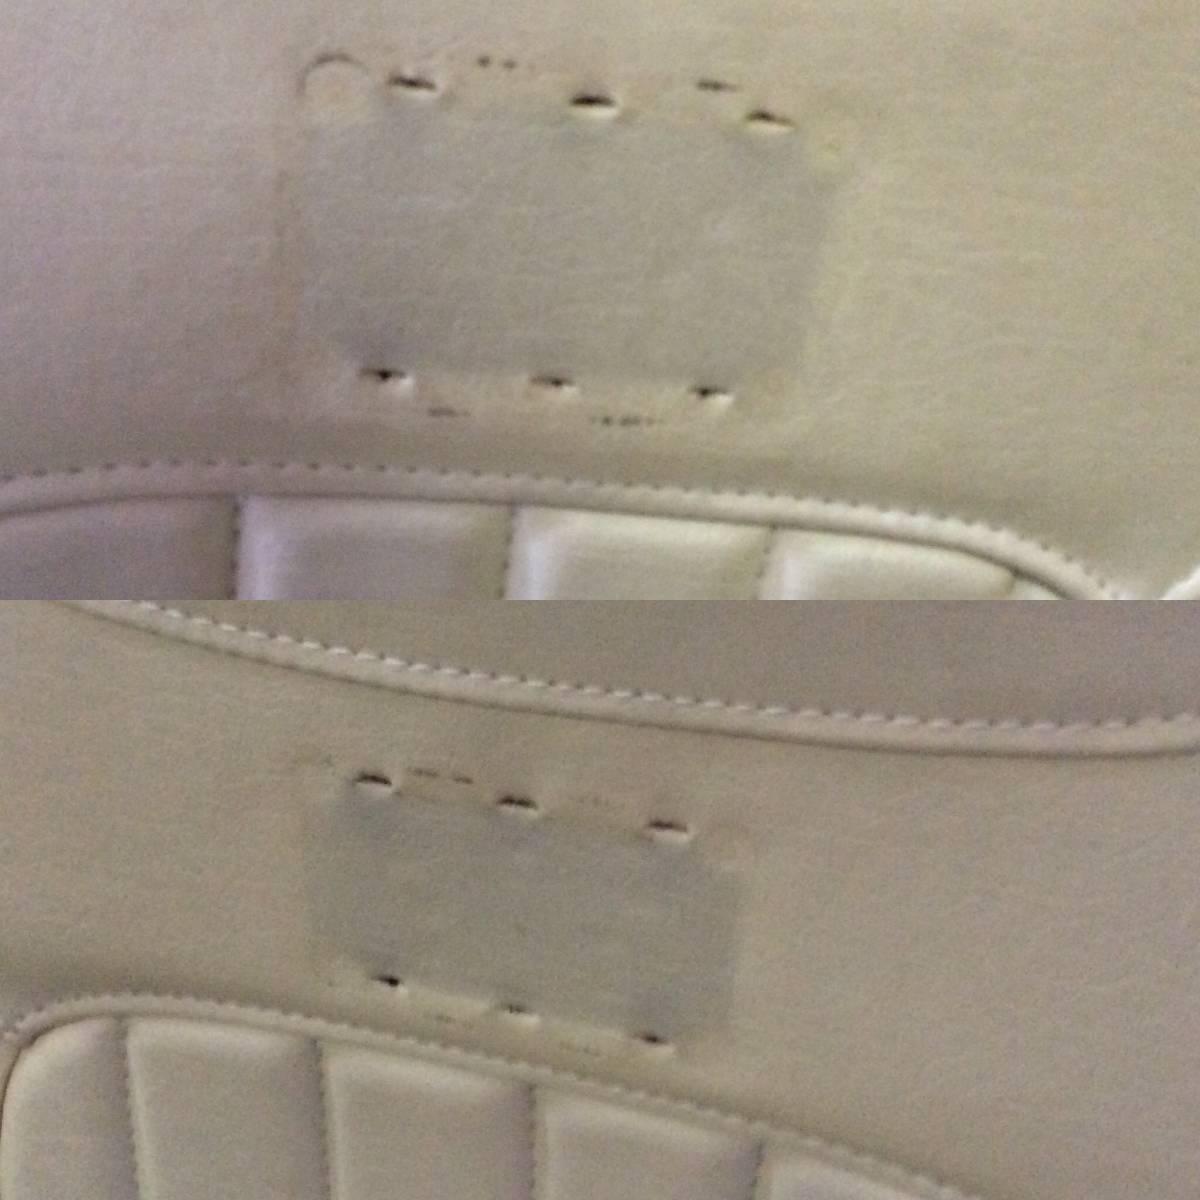 修理 クリーニング必要 汚れ・破れ・痛み・匂い有でメーカー不明につきジャンク品 L880K コペン用?シートカバー アイボリー系 左右セット_画像10